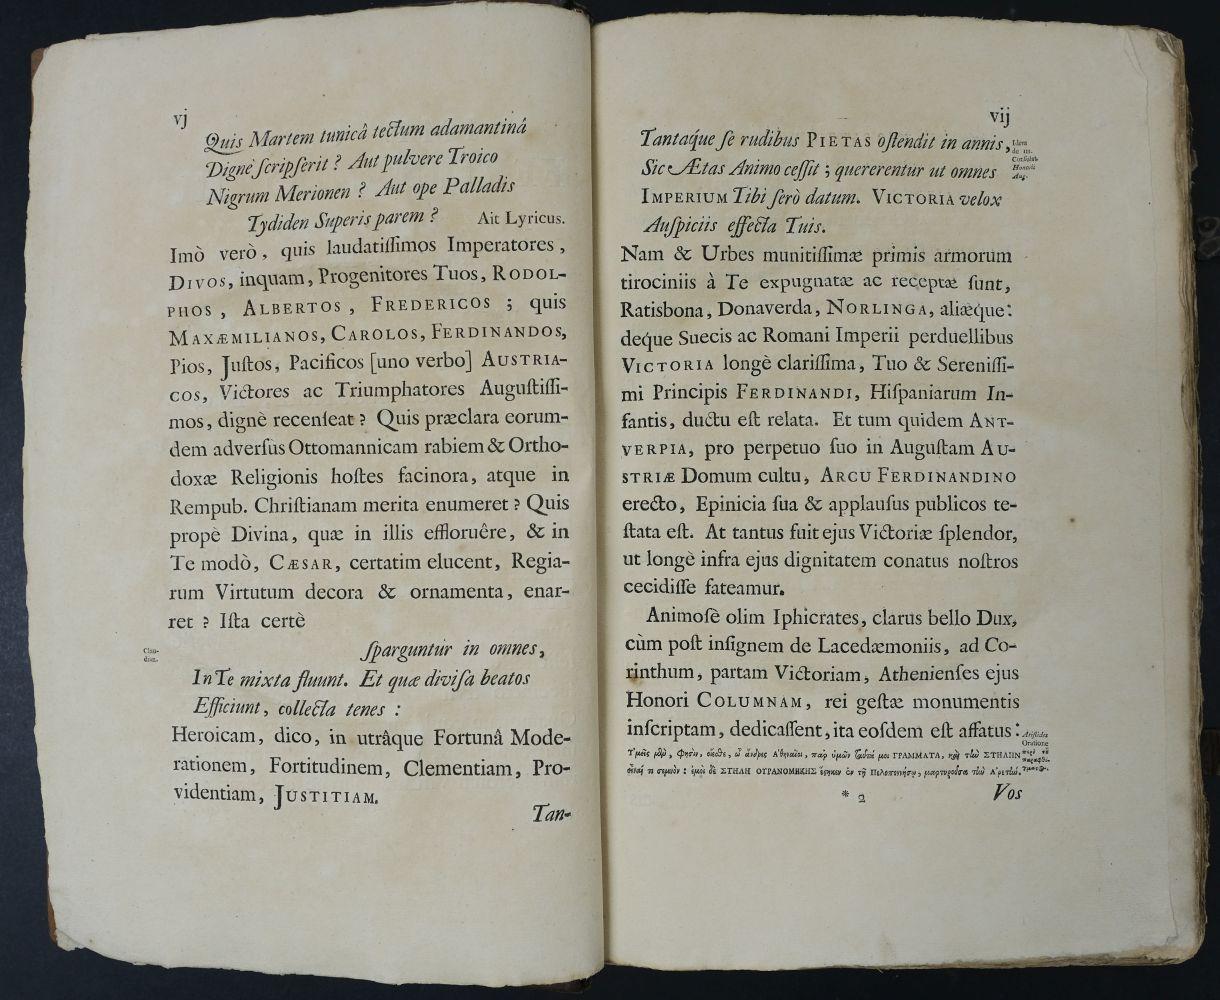 Goltzius (Hubert). Icones Imperatorum Romanorum, 1708 - Image 7 of 13